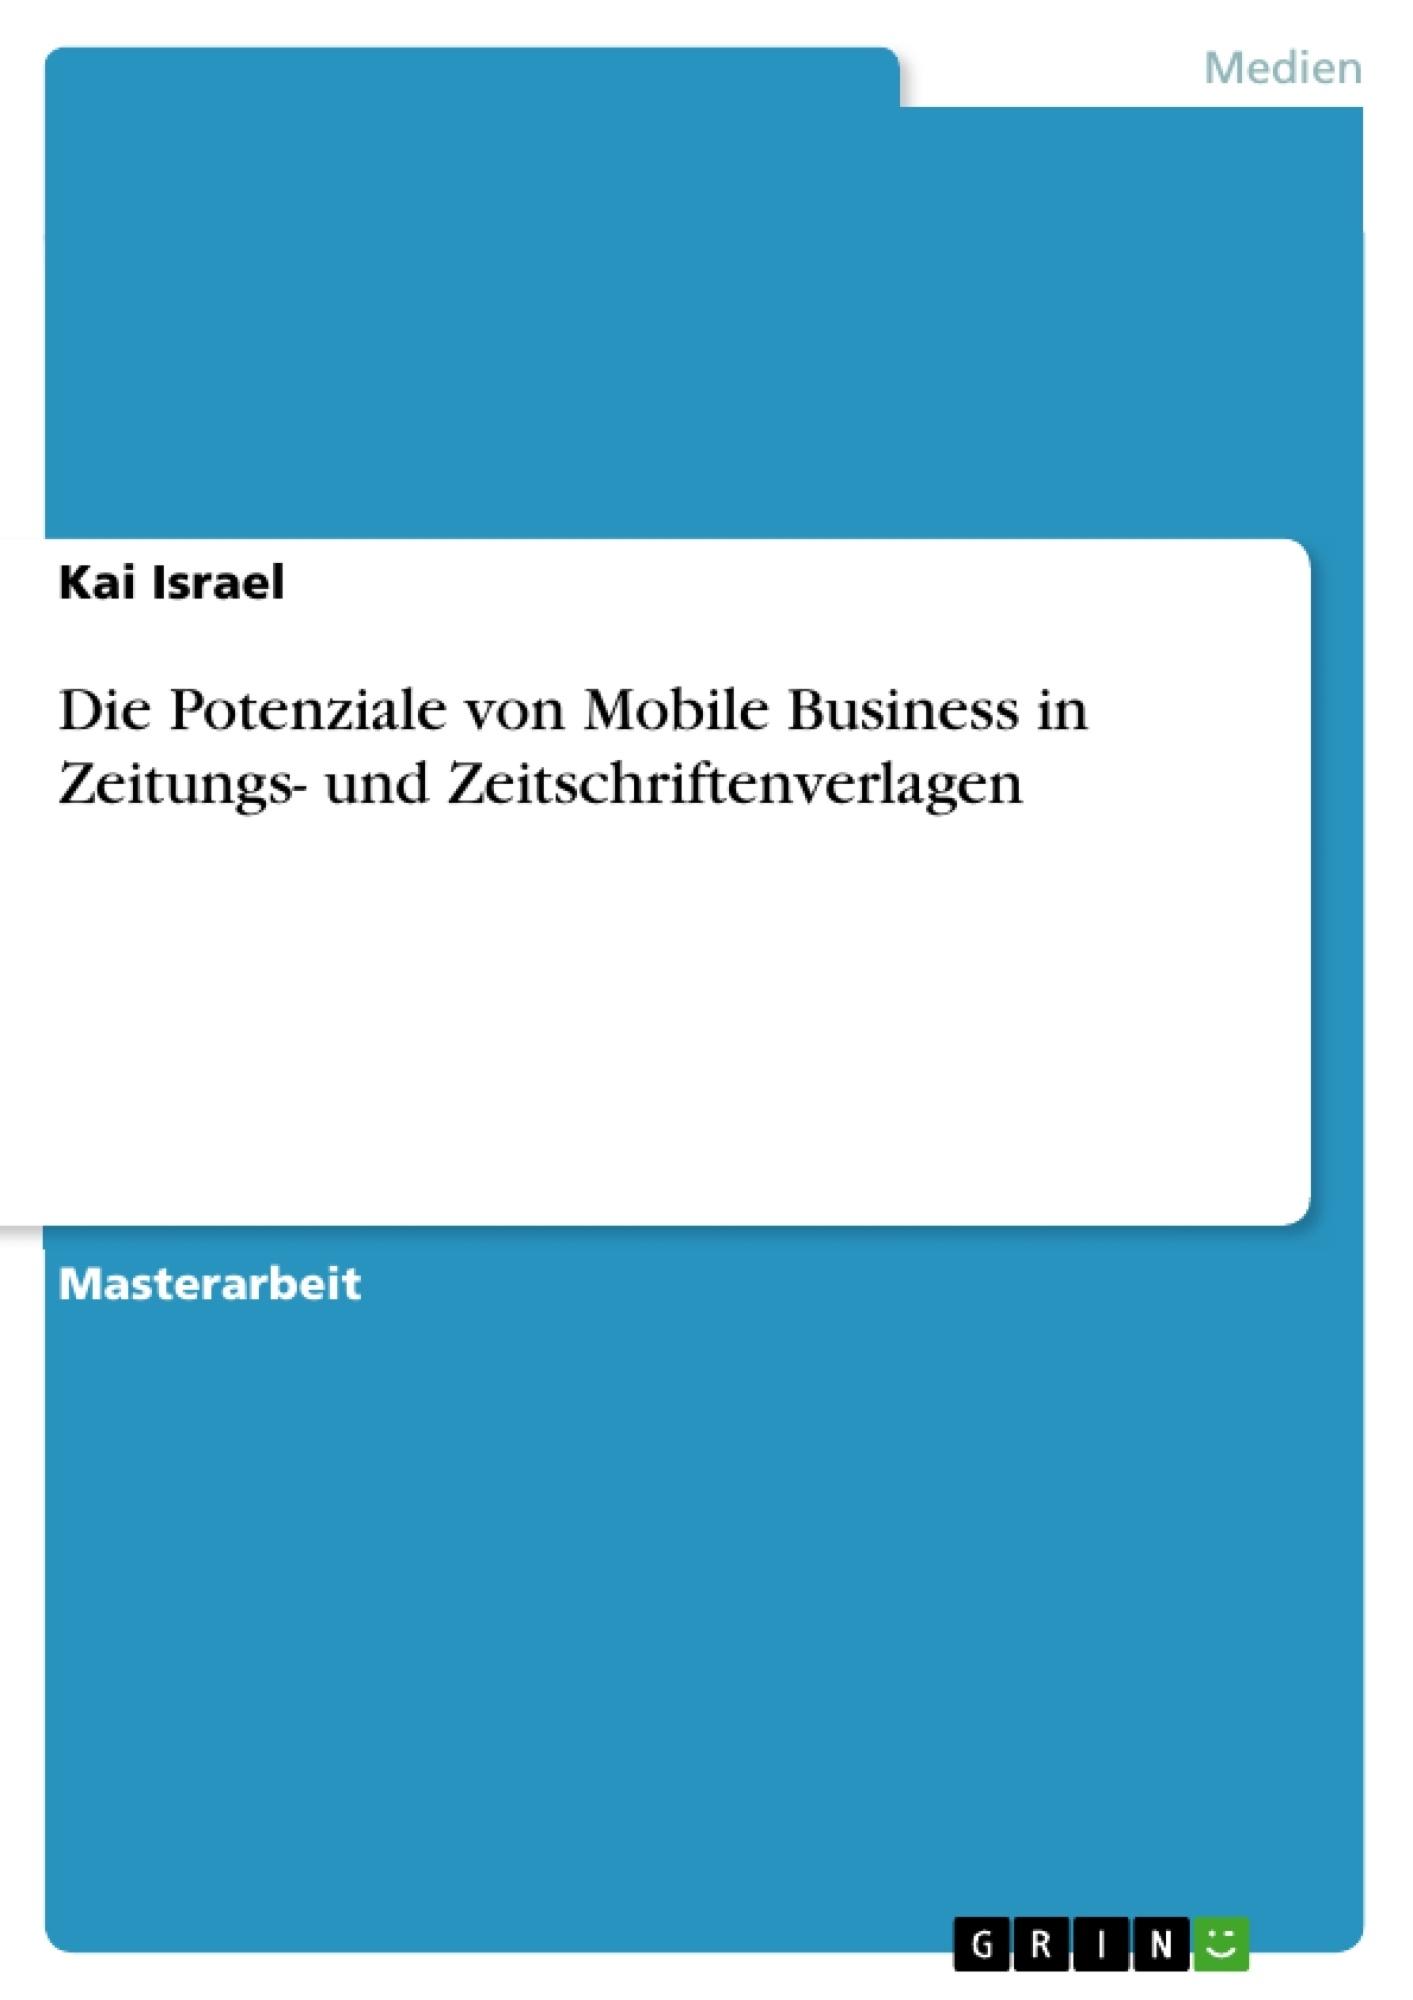 Titel: Die Potenziale von Mobile Business in Zeitungs- und Zeitschriftenverlagen